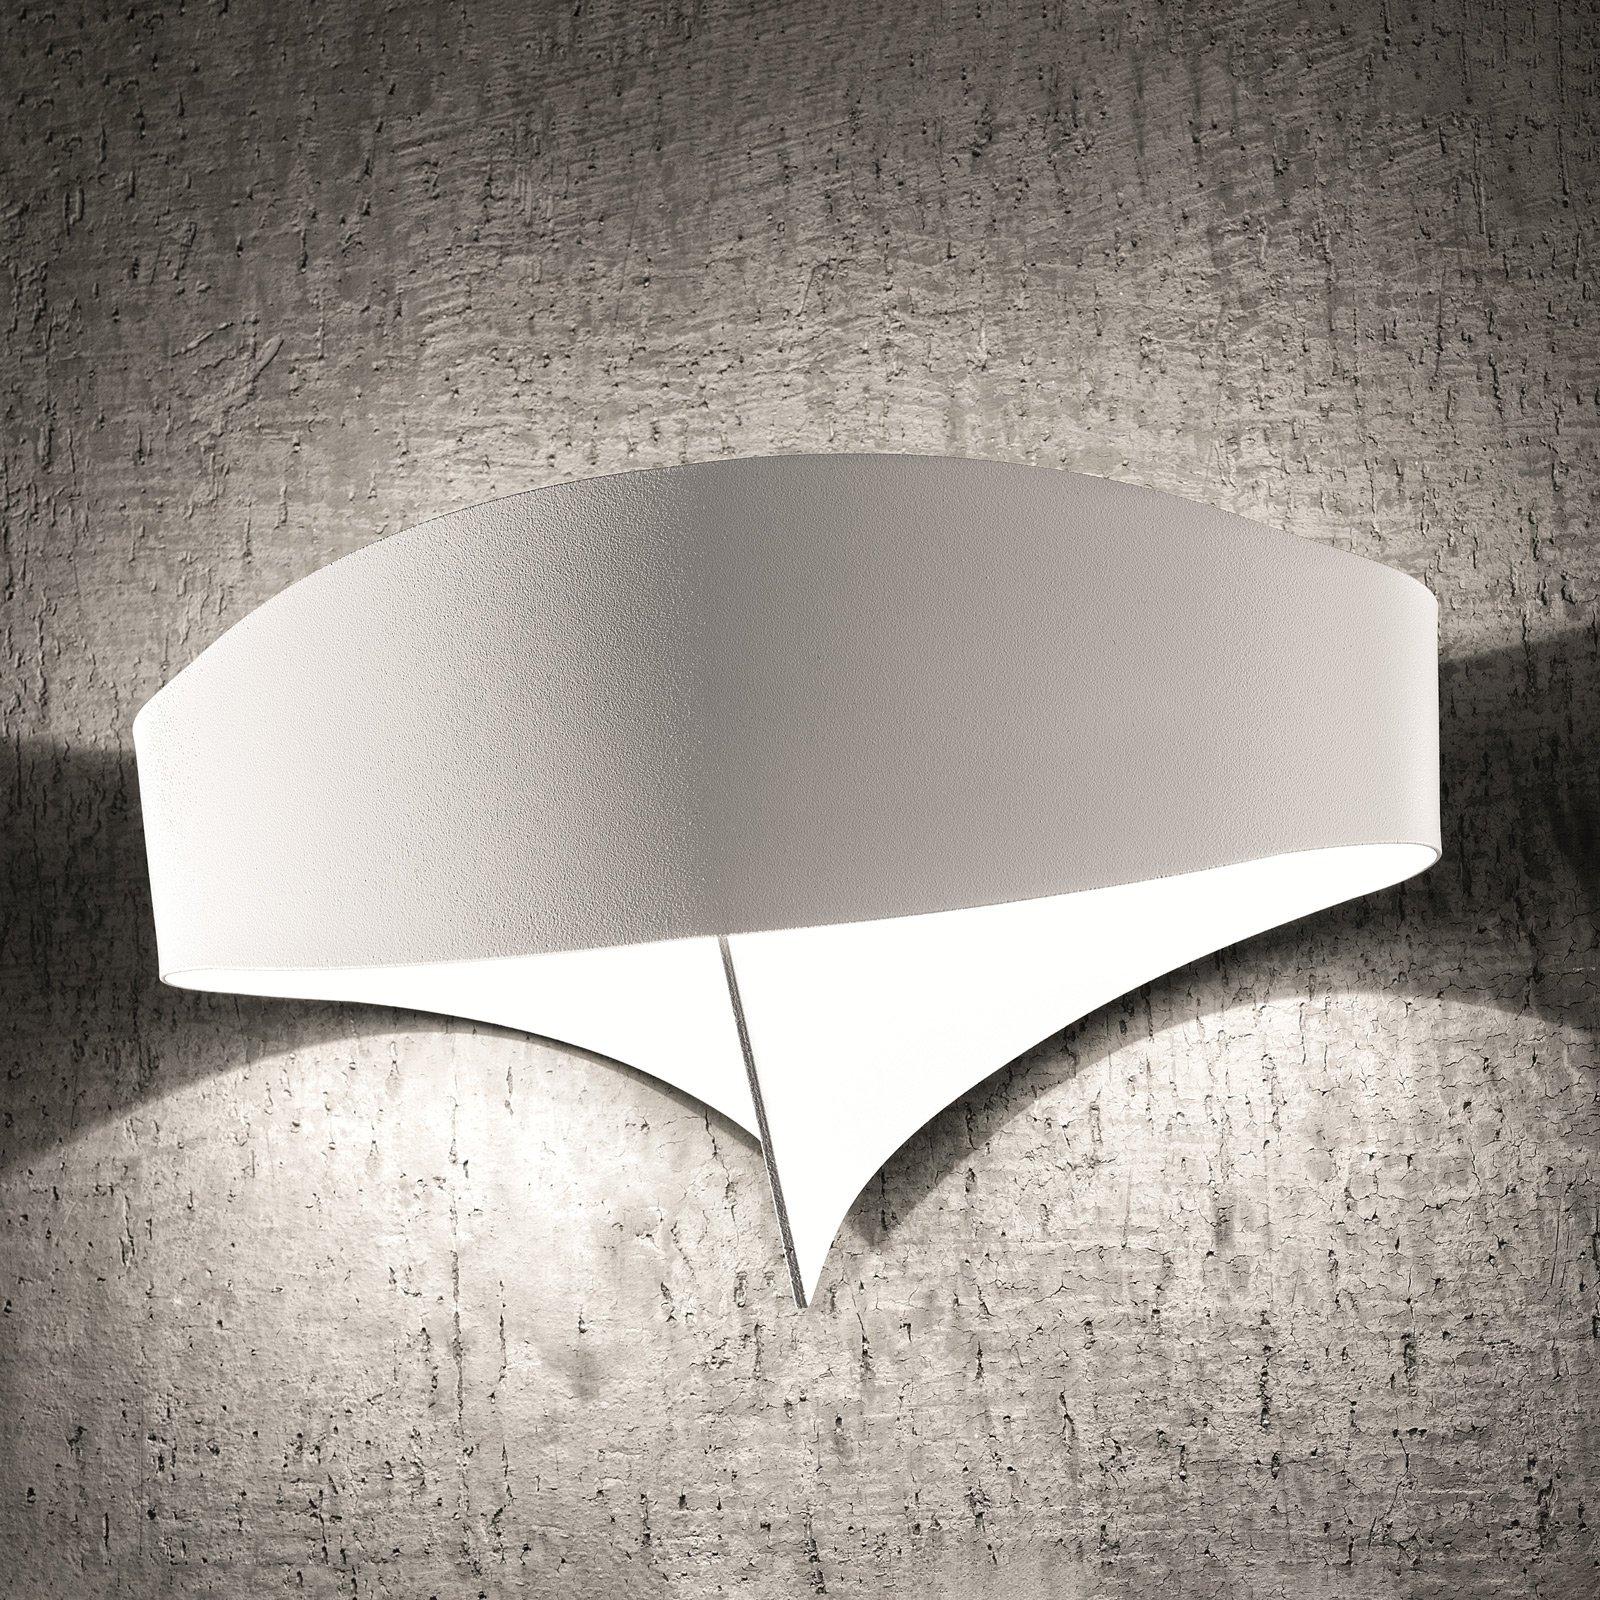 LED-vegglampe Scudo av stål, hvit